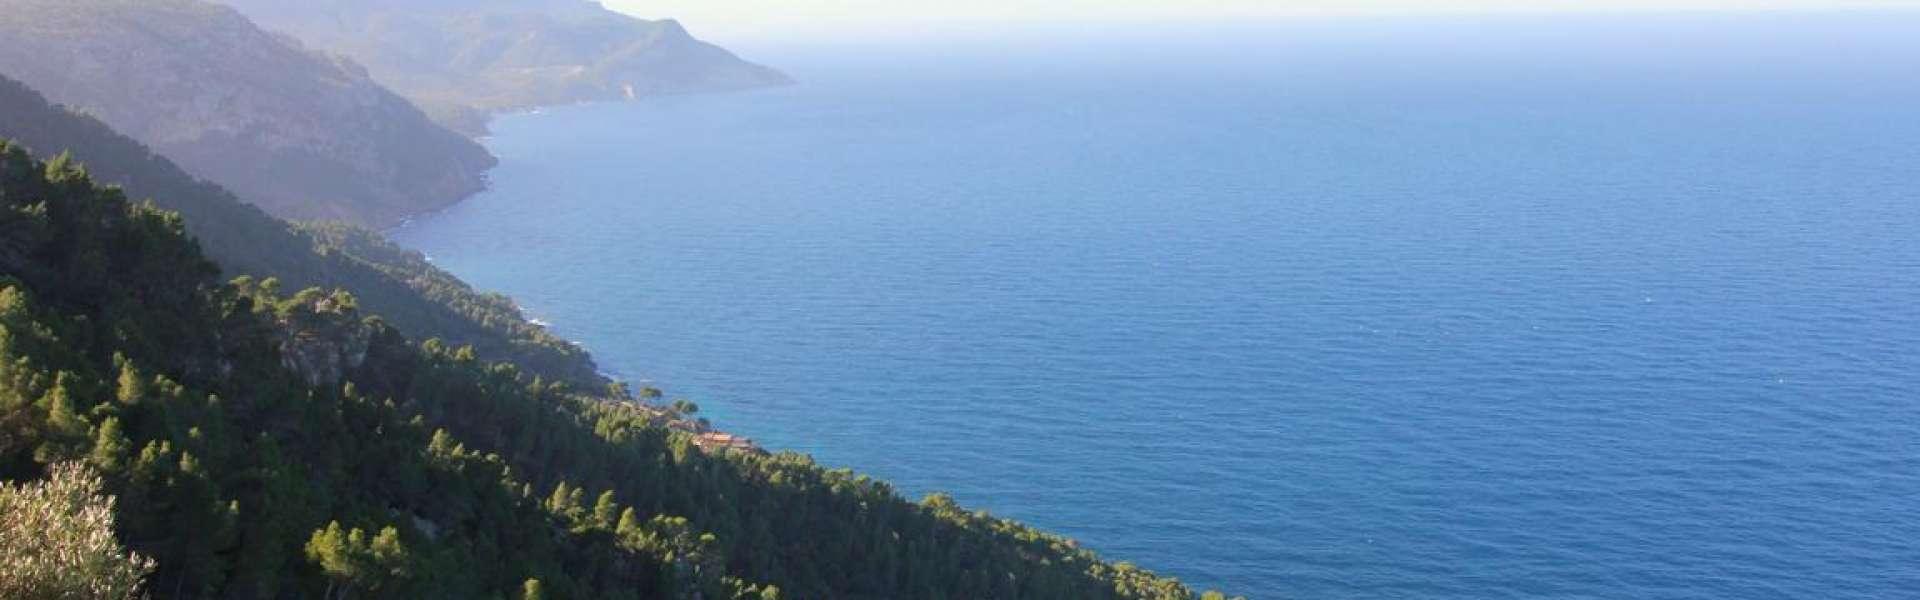 Villa con vistas al mar - Deia